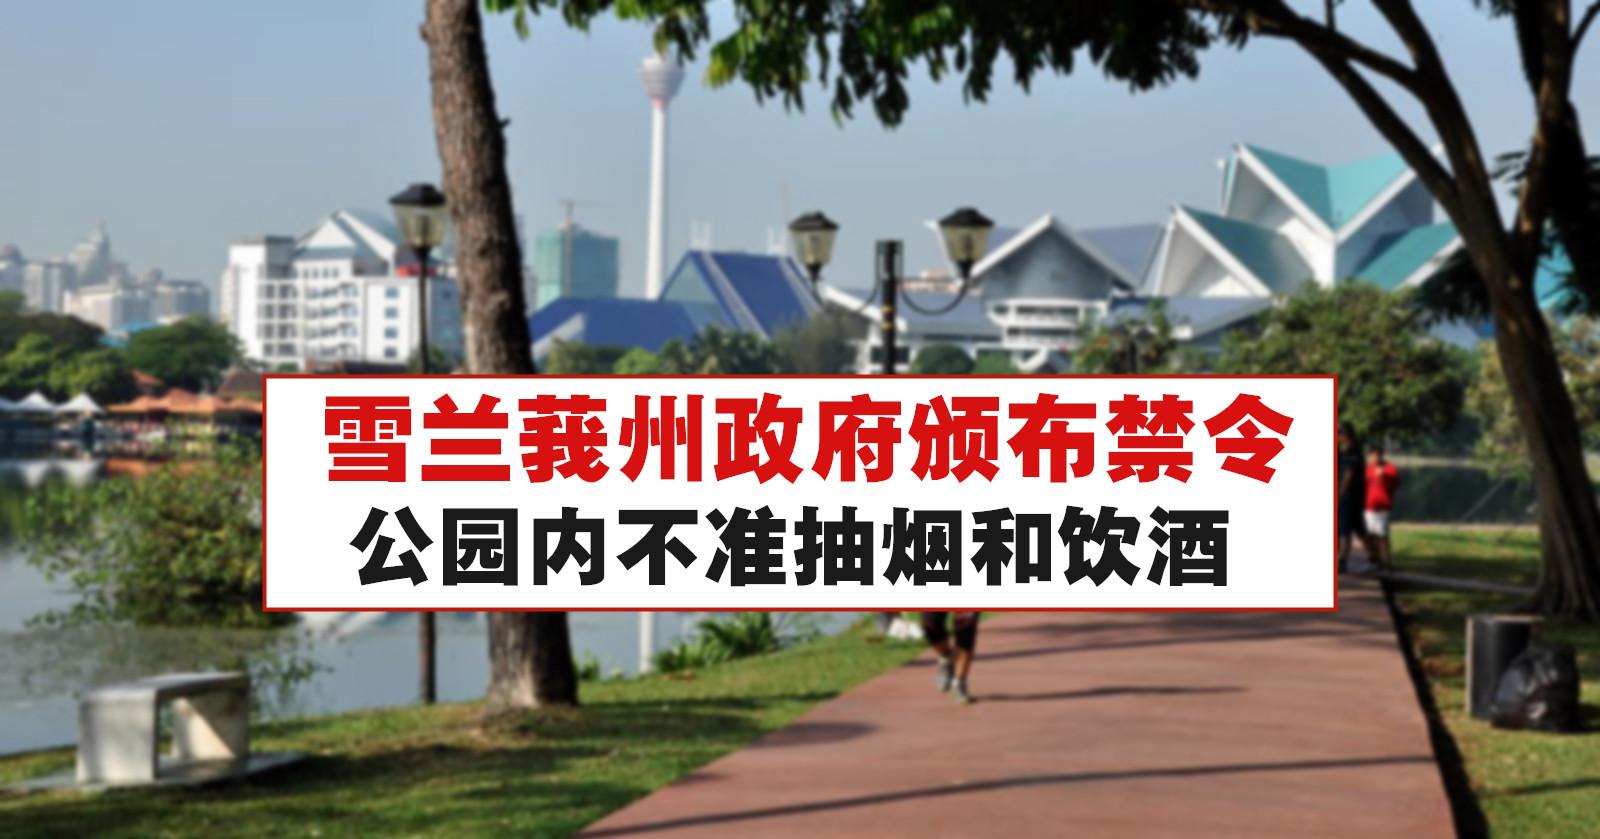 雪兰莪州政府颁布禁令,公园内不准抽烟和饮酒